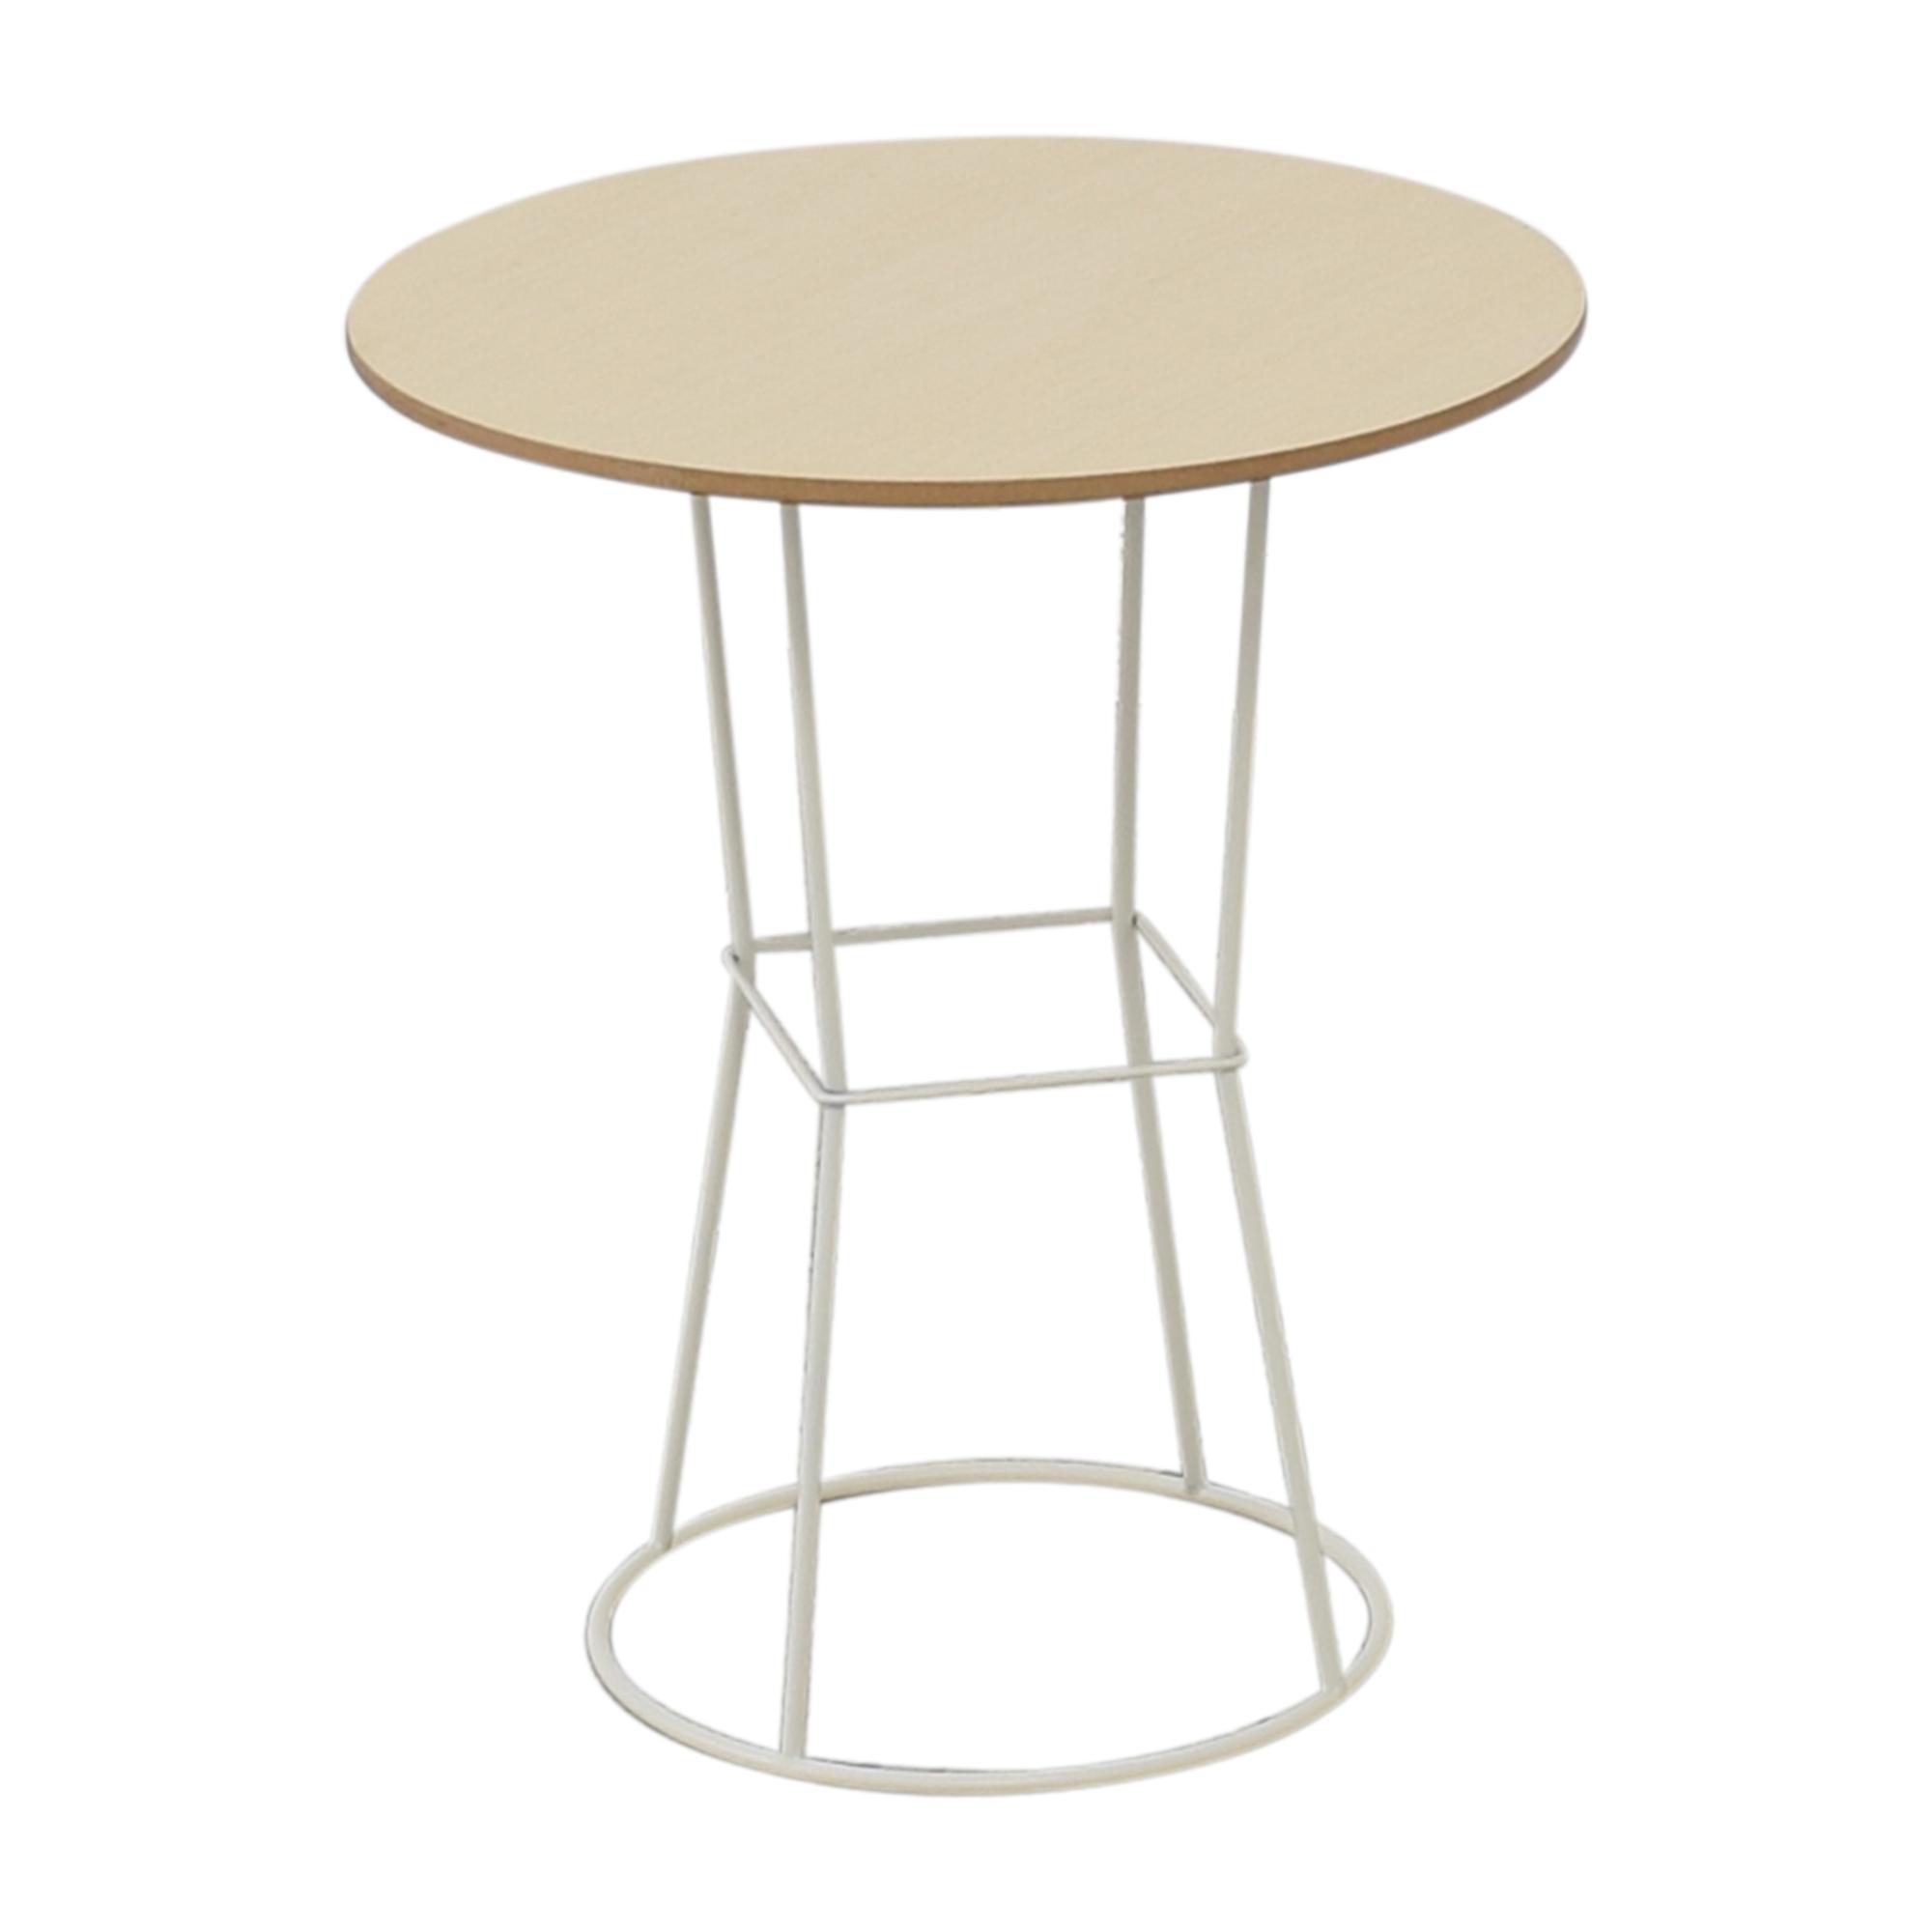 Koleksiyon Koleksiyon Plan Round Coffee Table or Side Table LIGHT BROWN